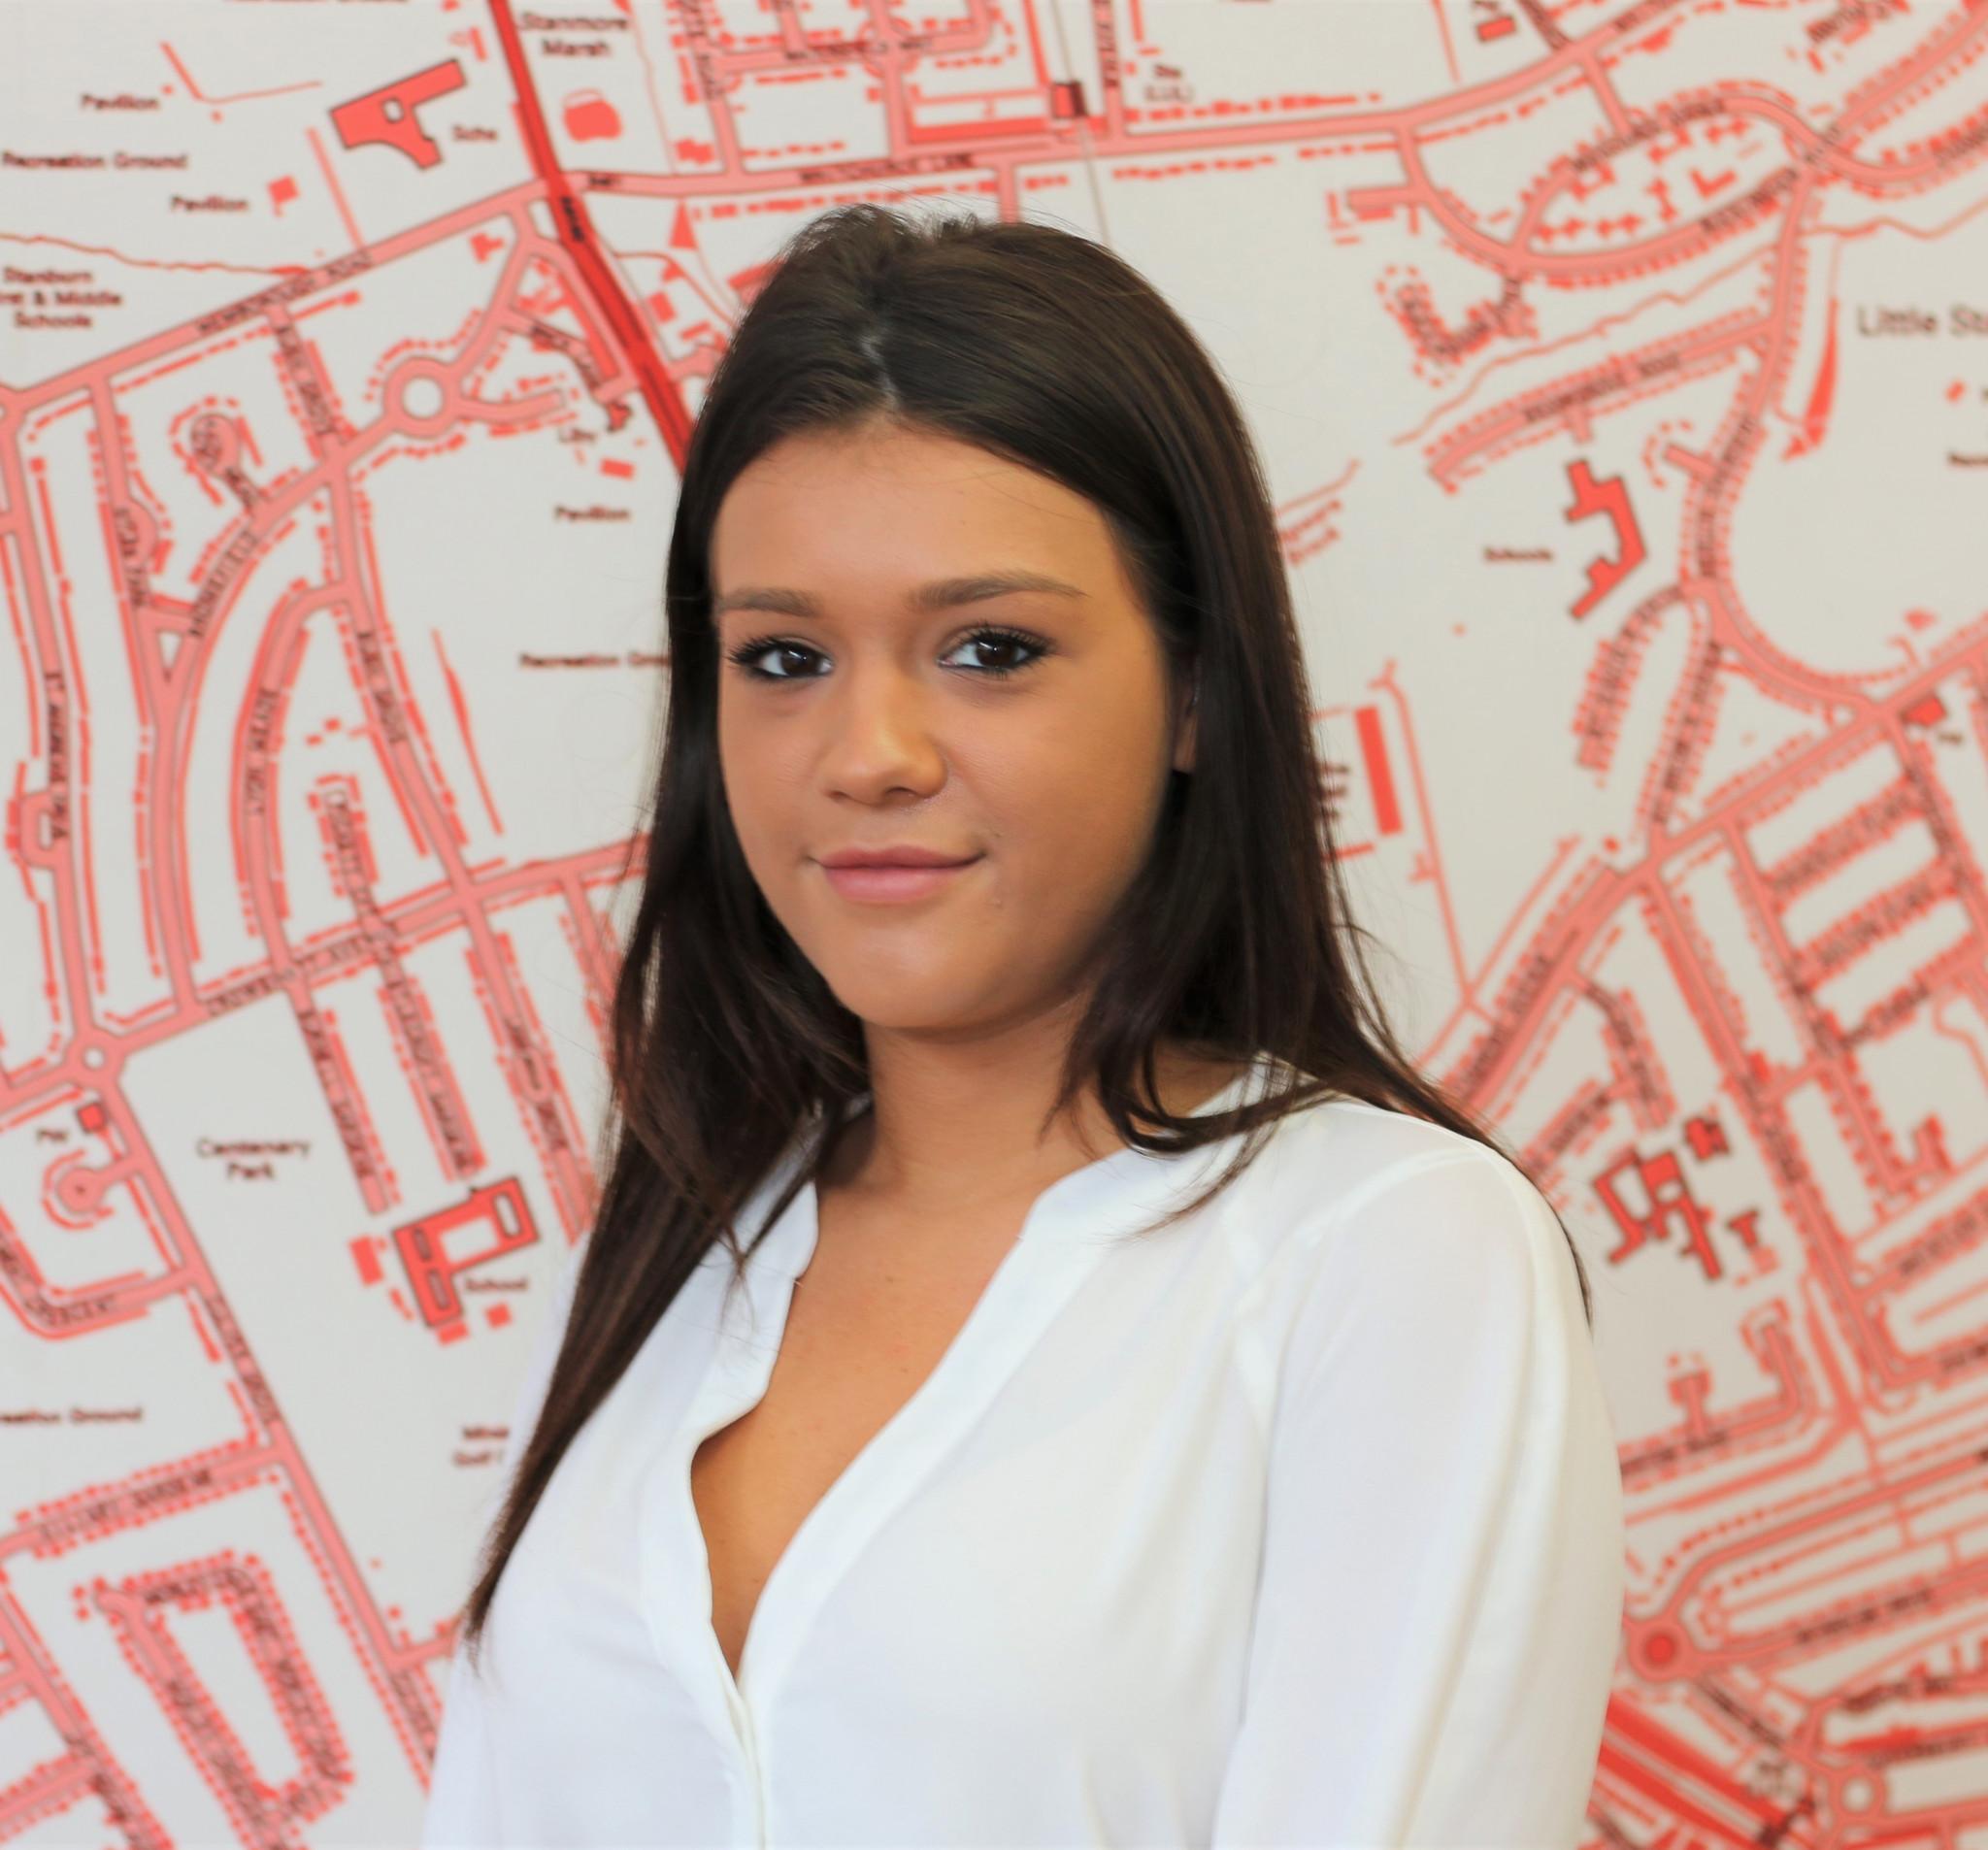 Lauren Guiver